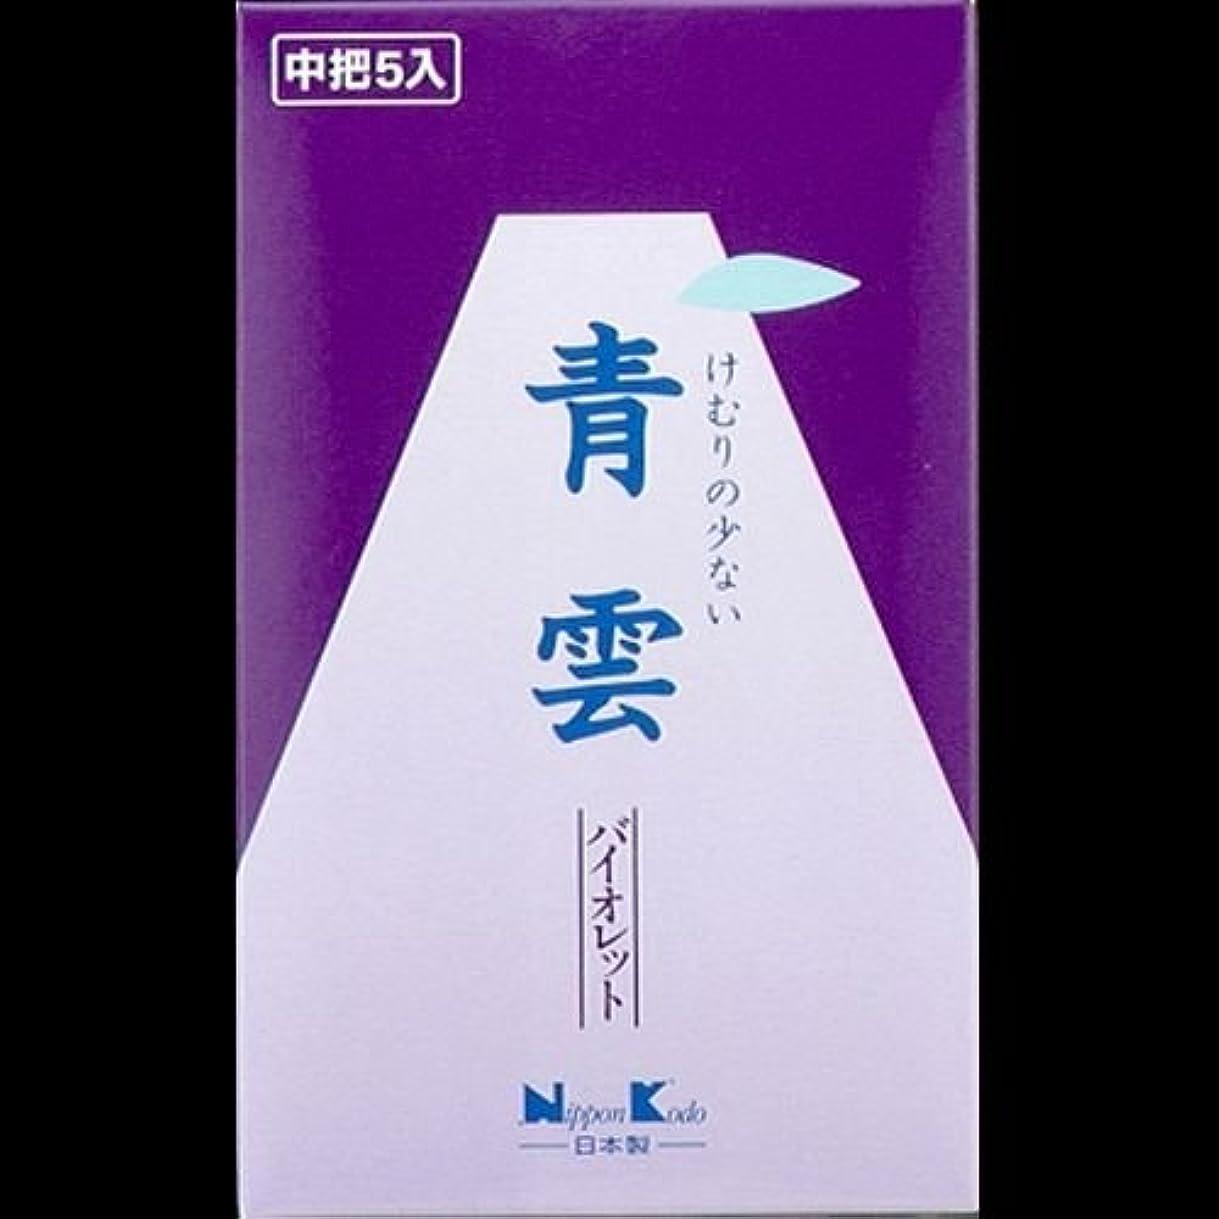 モード舌服【まとめ買い】青雲 バイオレット 中把5入 19gx5 ×2セット